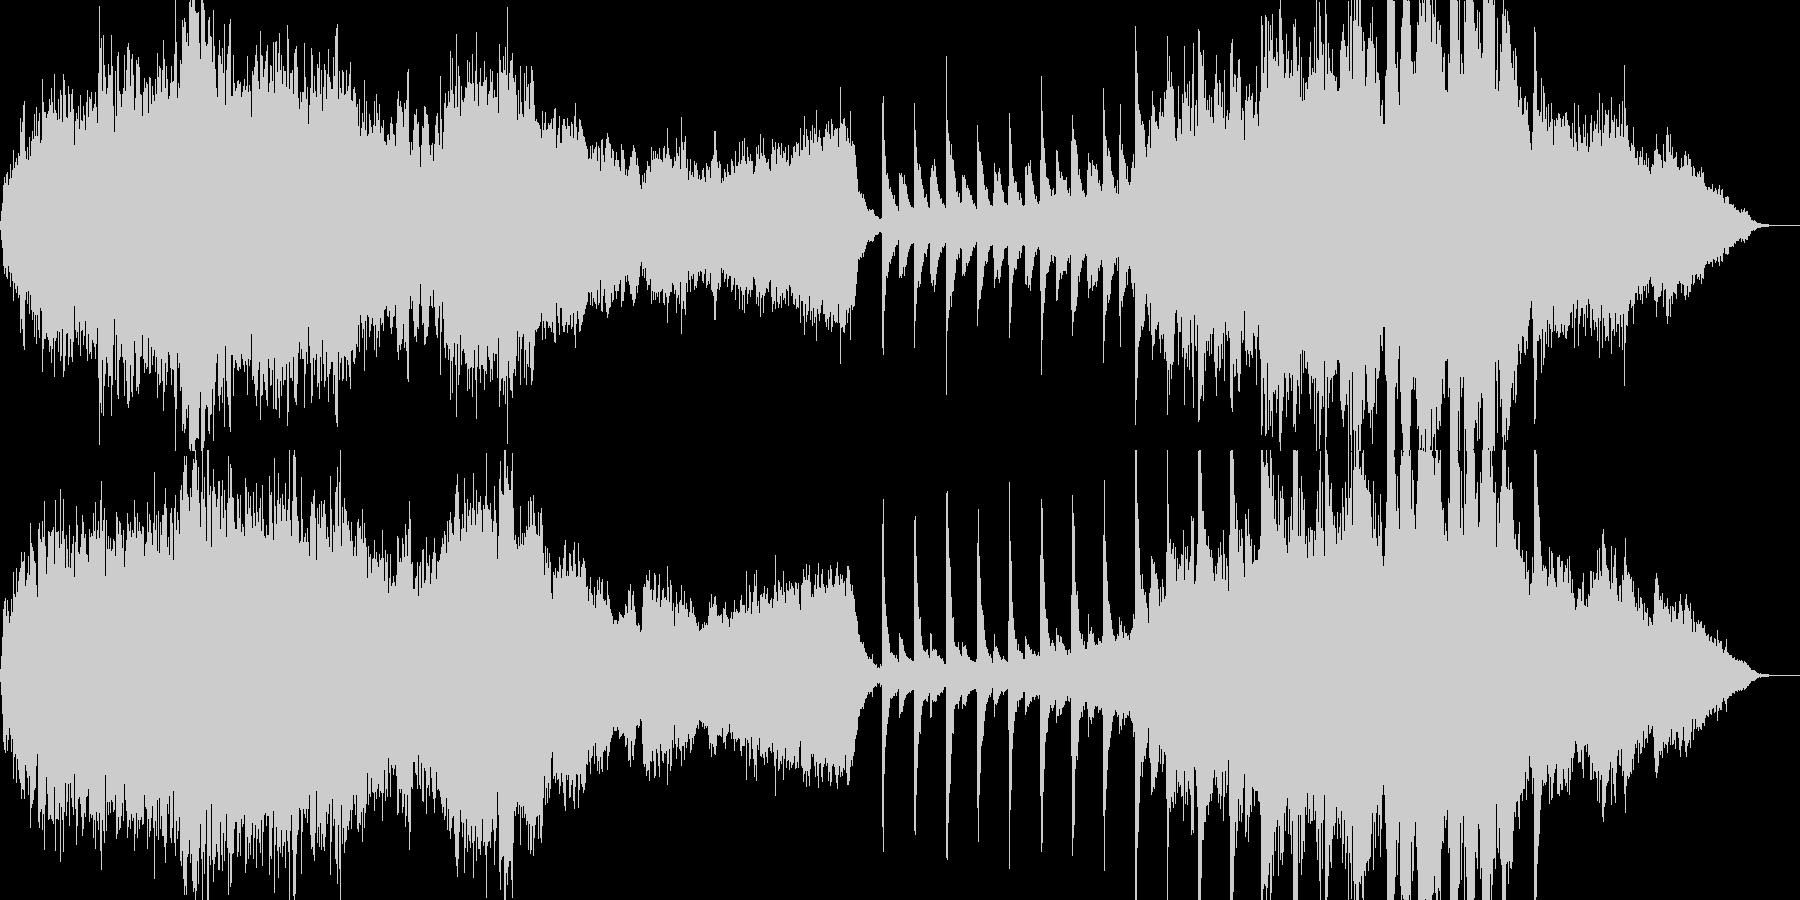 壮大なストリングスオーケストラ曲の未再生の波形